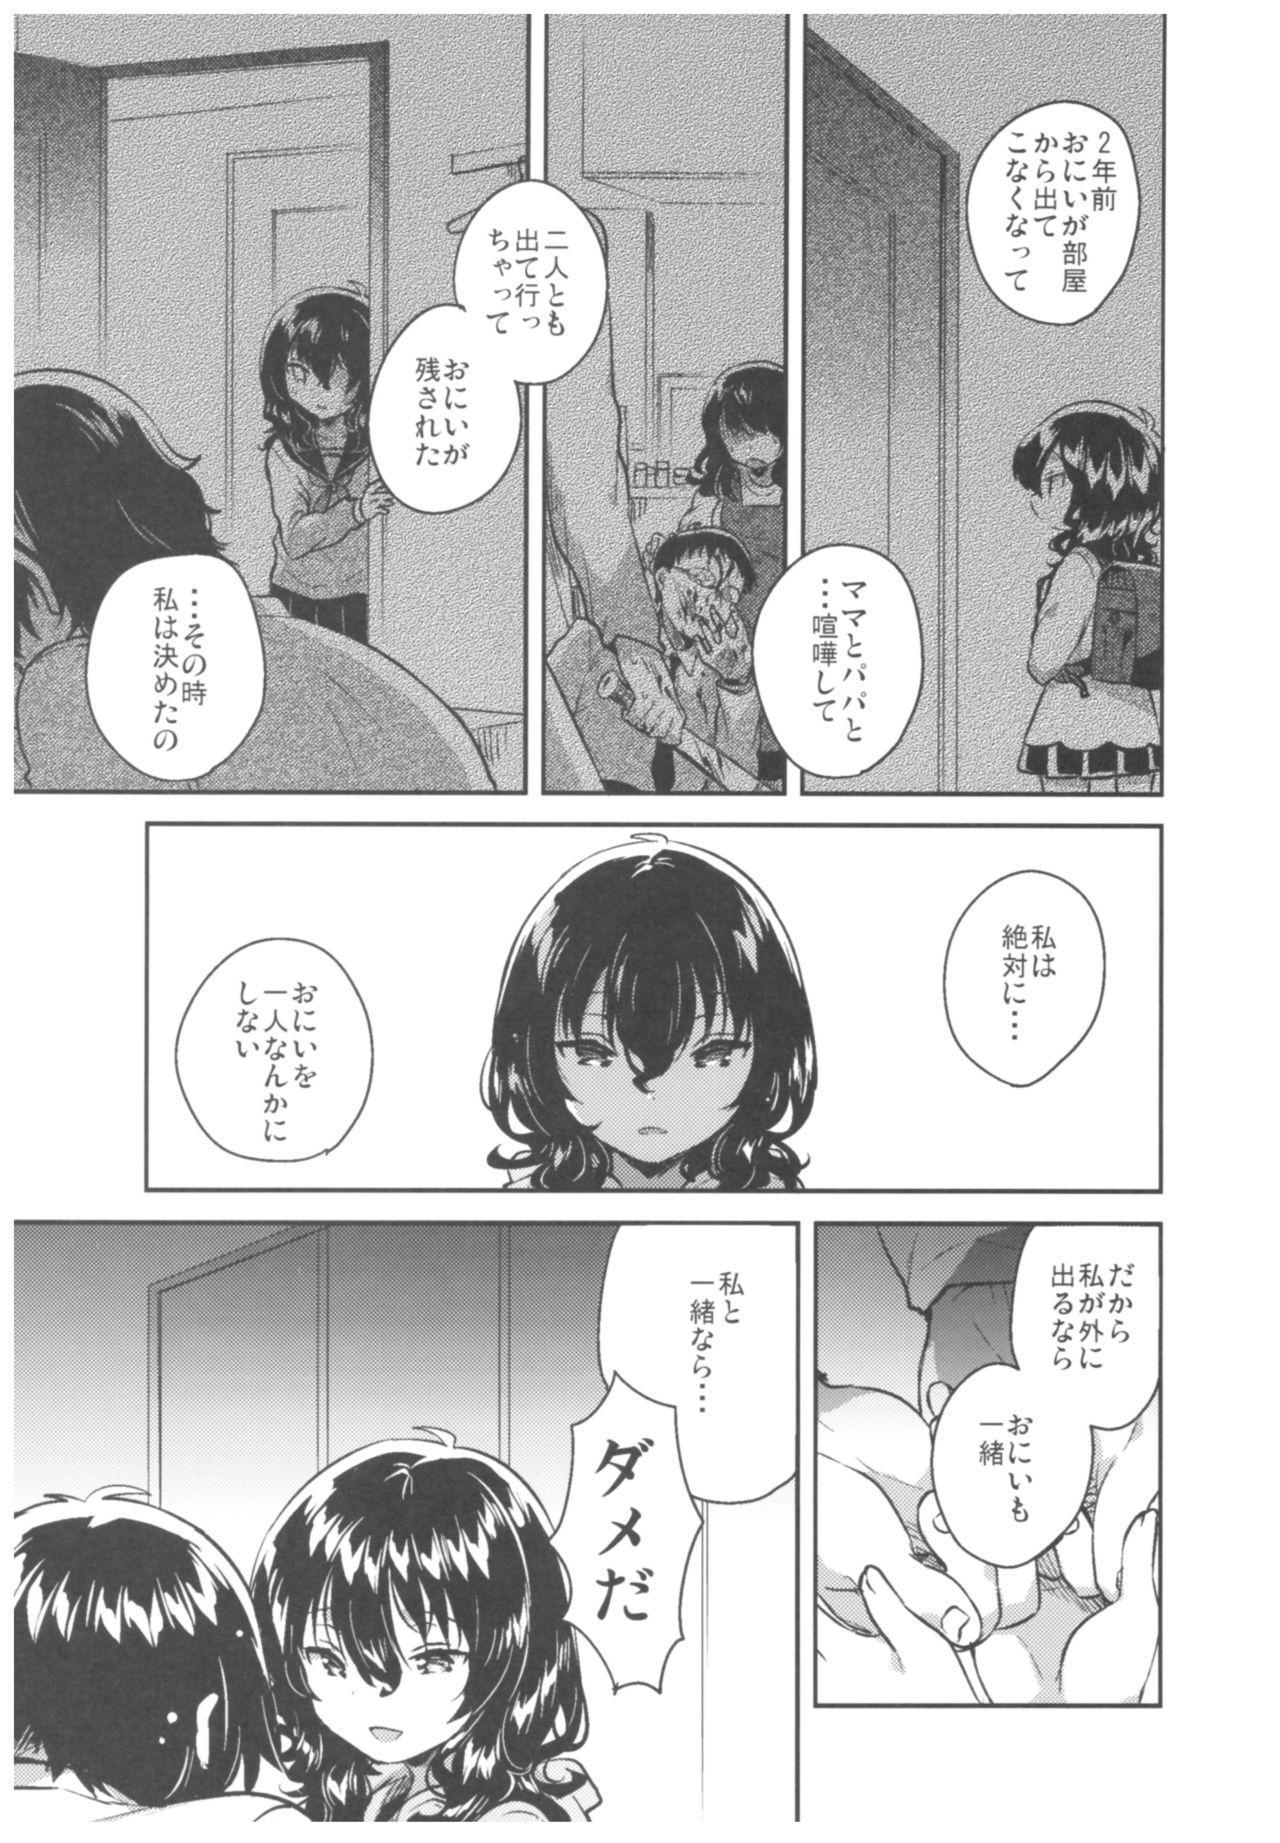 Imouto wa Hikikomori 21